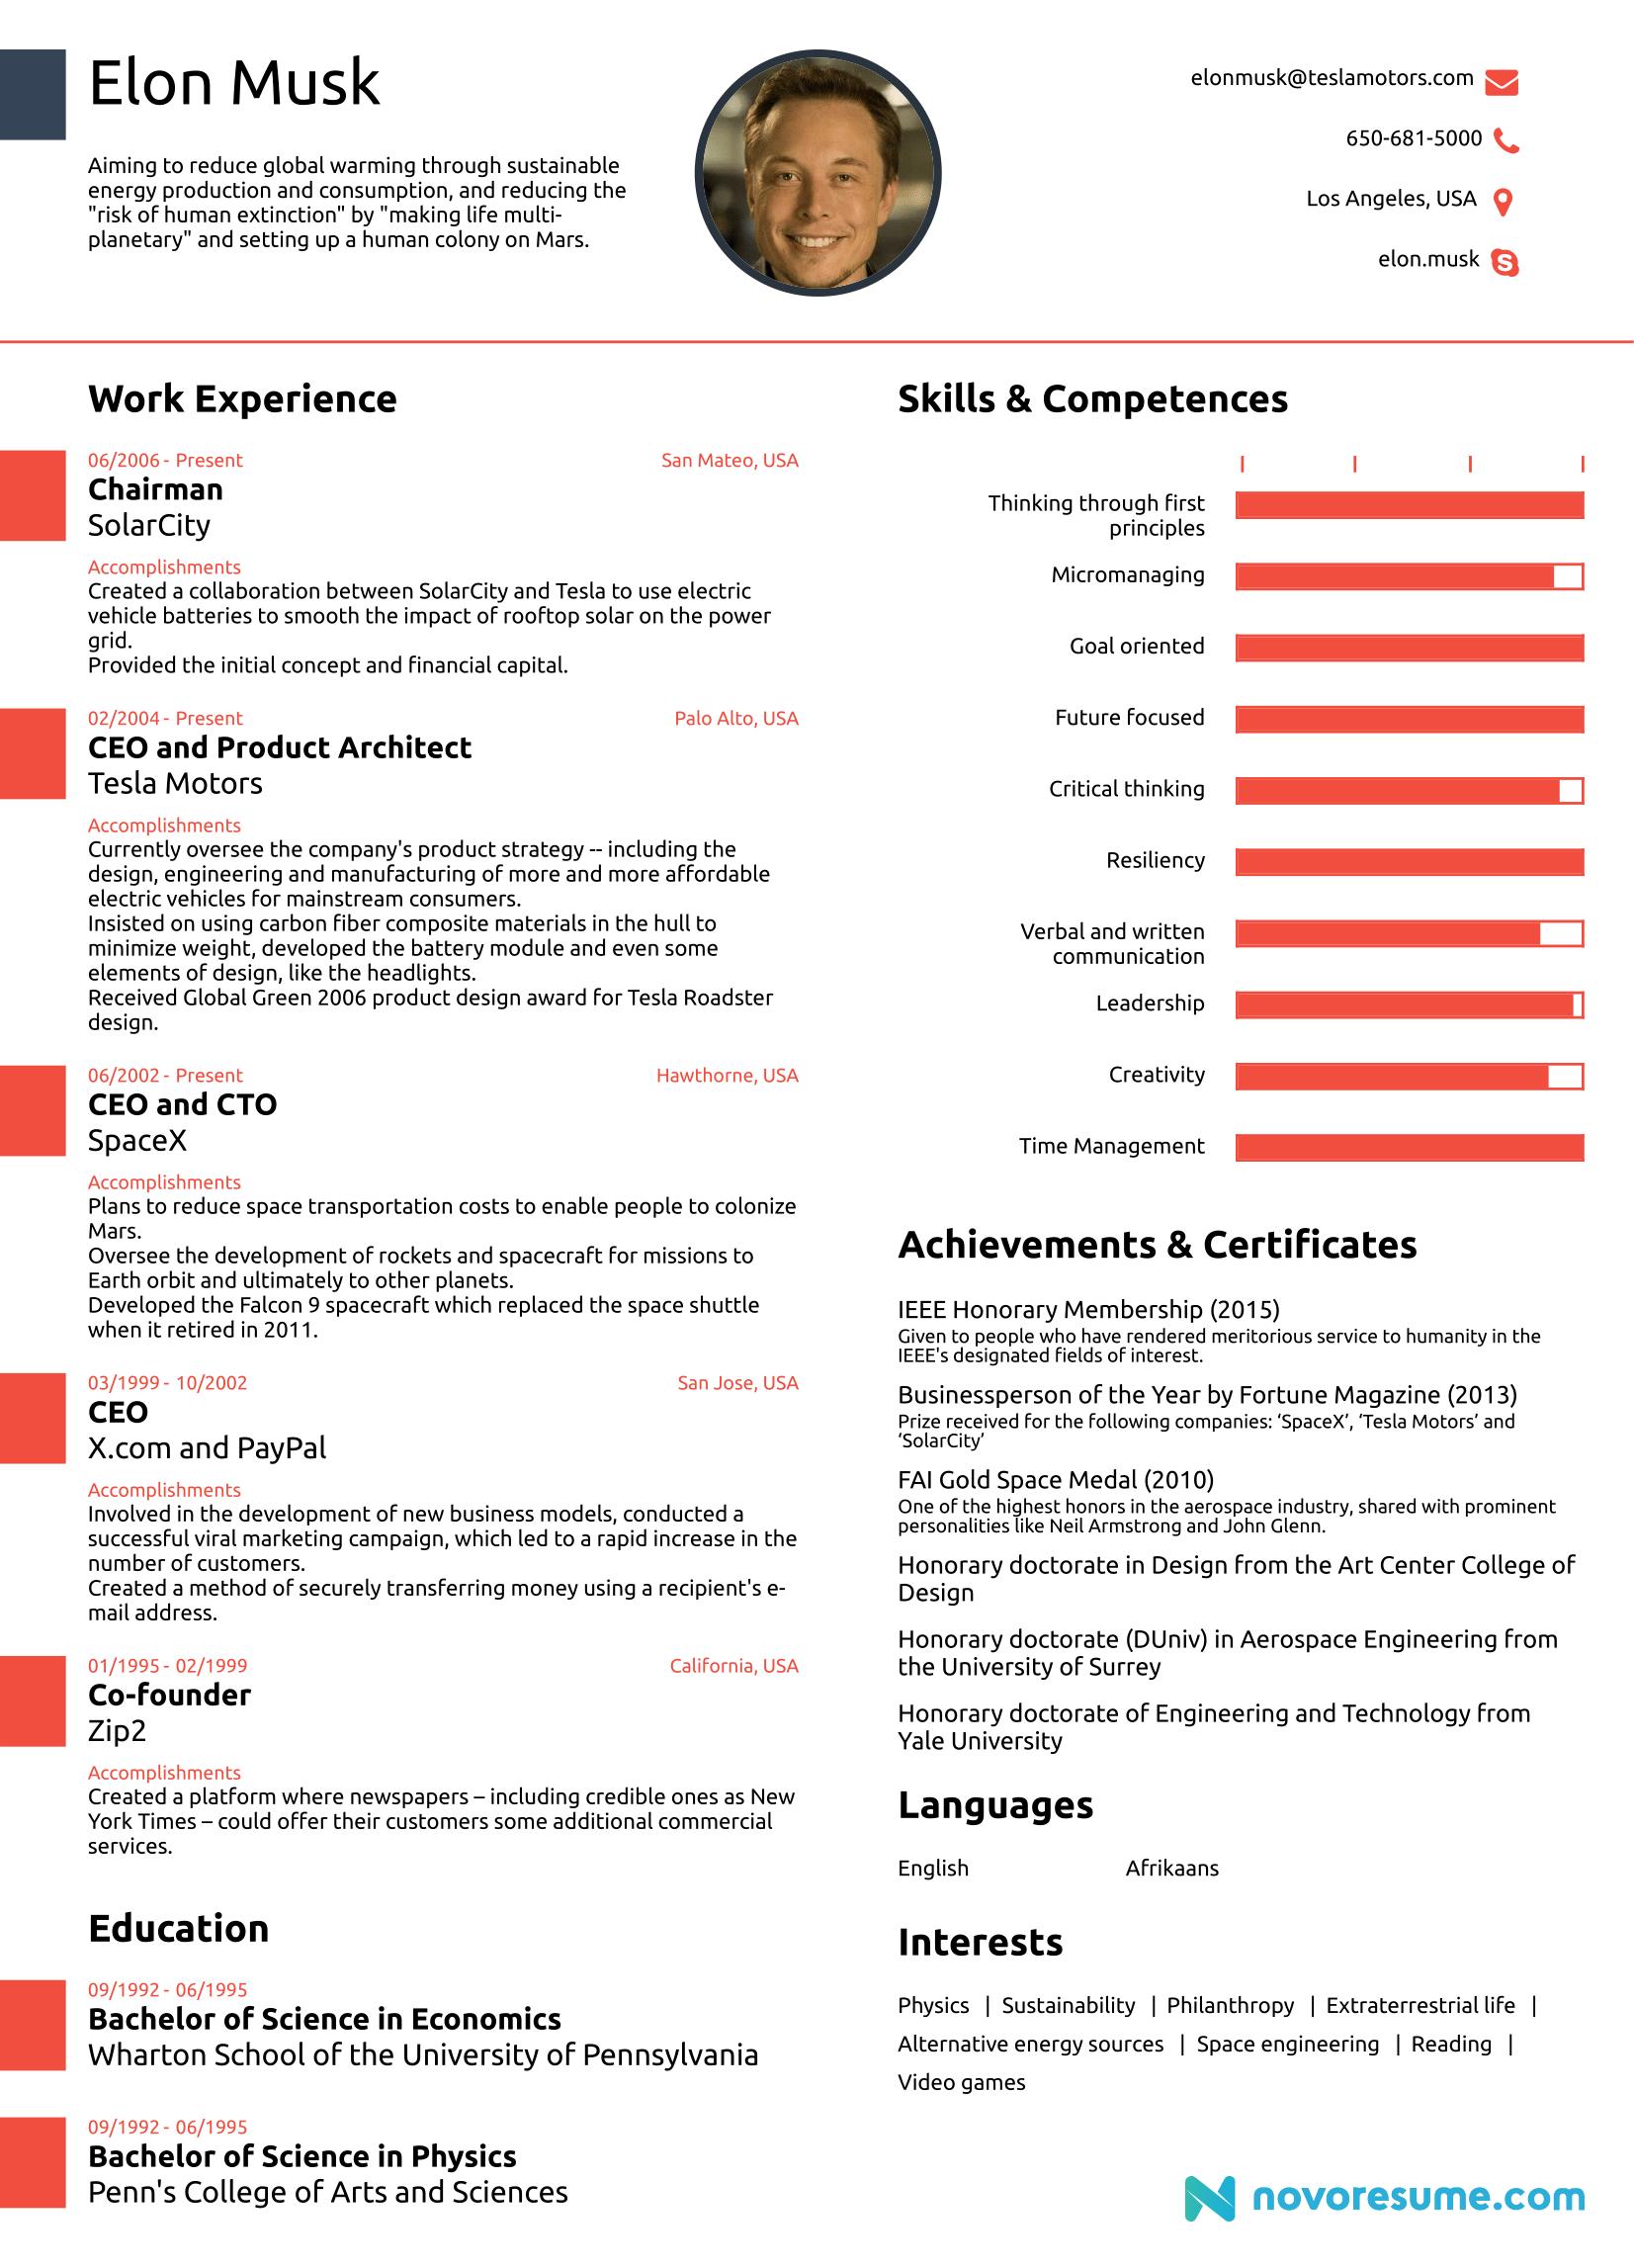 elon musk original one page resume